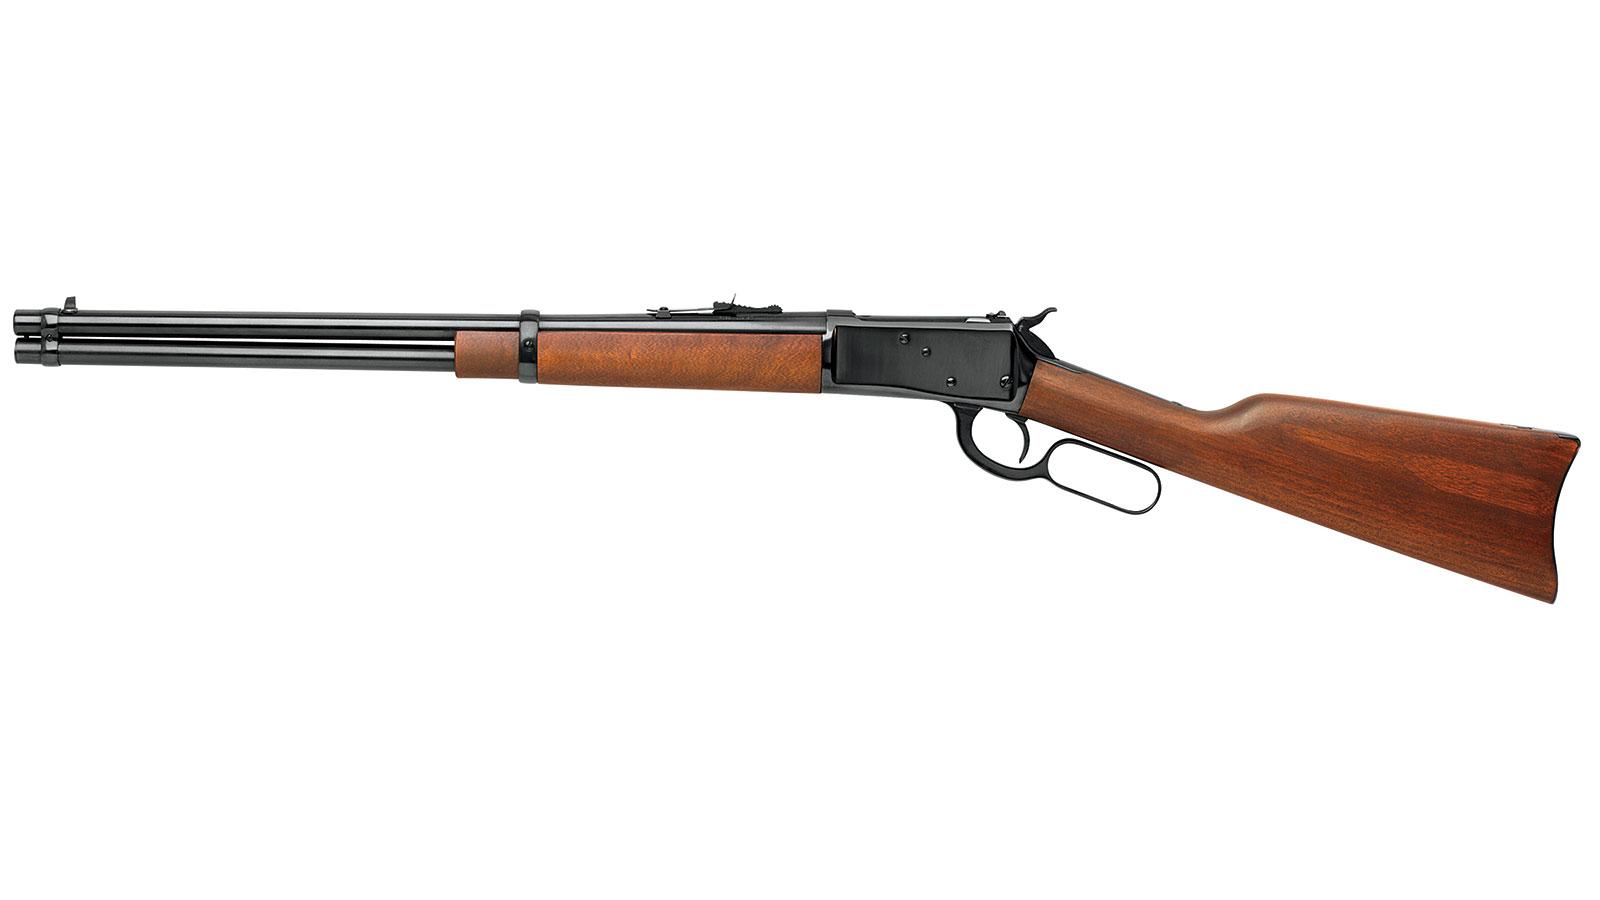 Rossi 920441613 R92 Lever Action Carbine Lever 44 Remington Magnum 16 8+1 Brazillian Hardwood Stk Polished Black in.